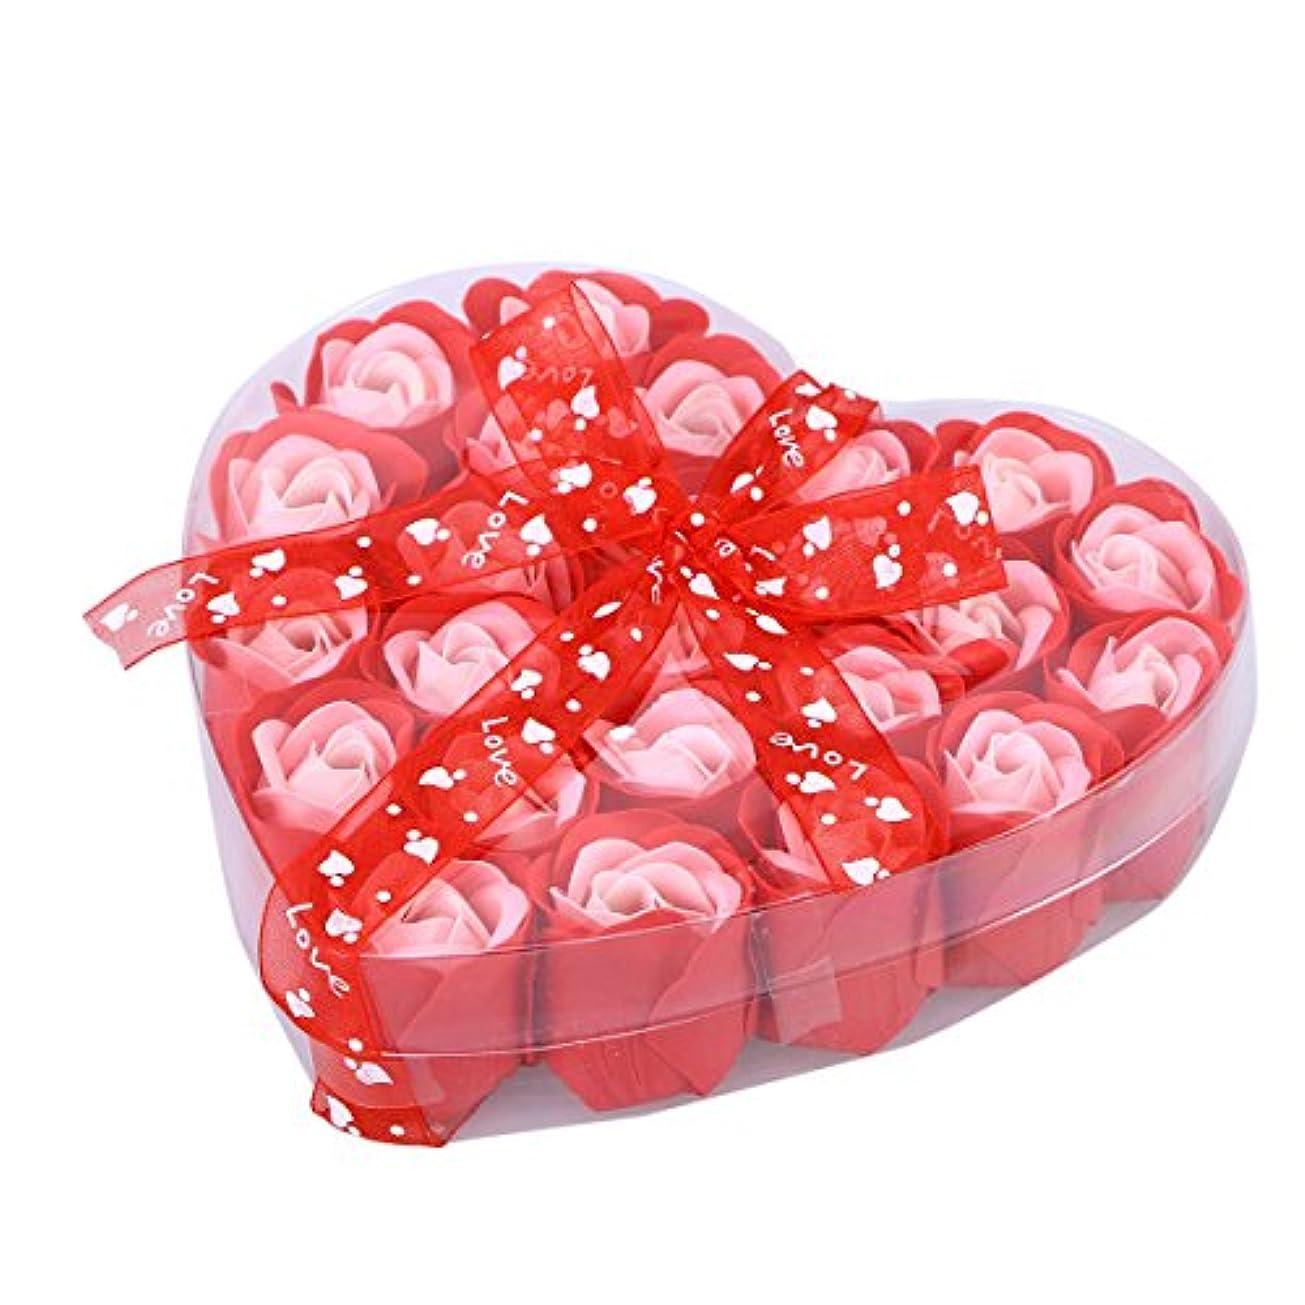 ばかげた独裁者バスケットボールFrcolor 香り付きバスソープ ハートボックスにバラ形のソープ 飾り物 ギフト 24個入